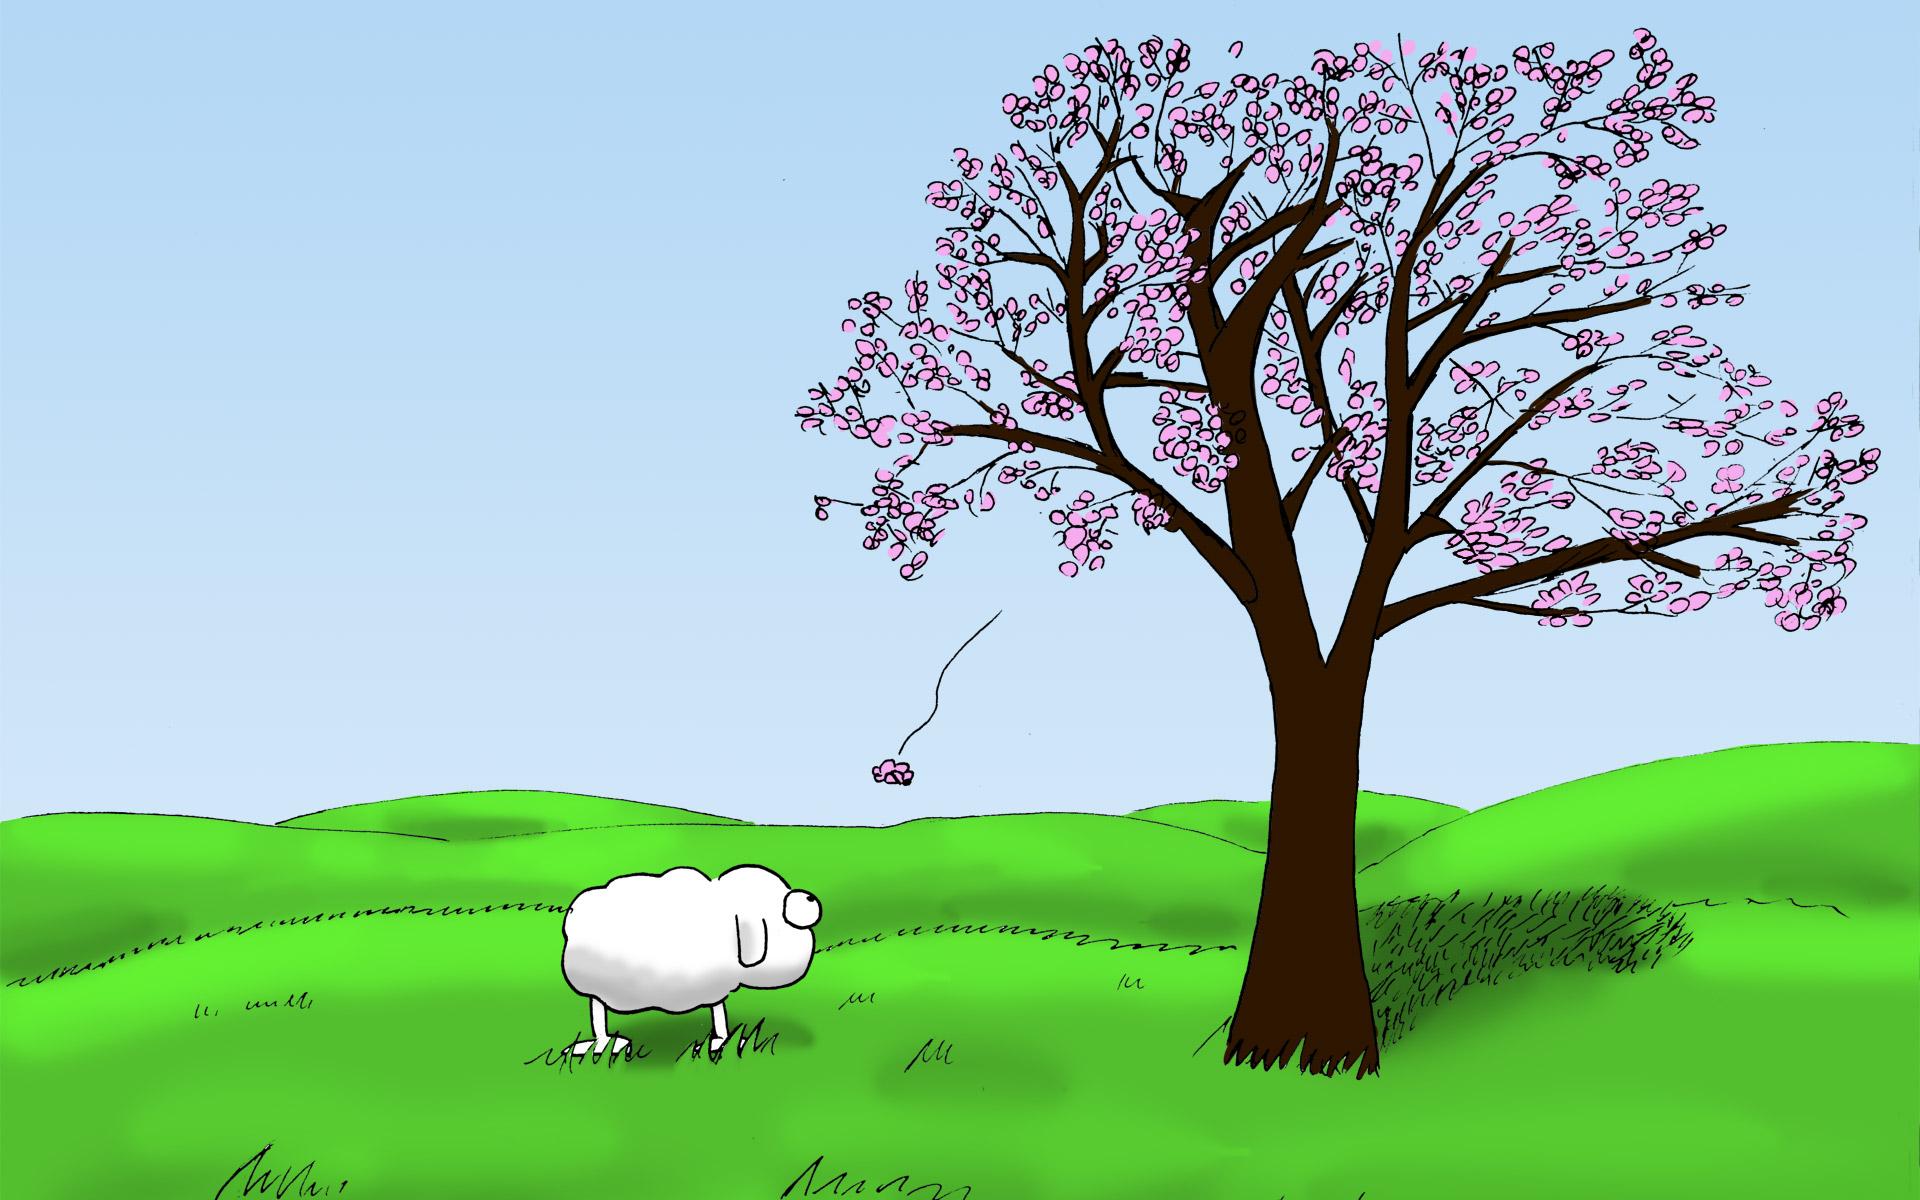 Wallpaper Mascot Das Schaf Webcomic